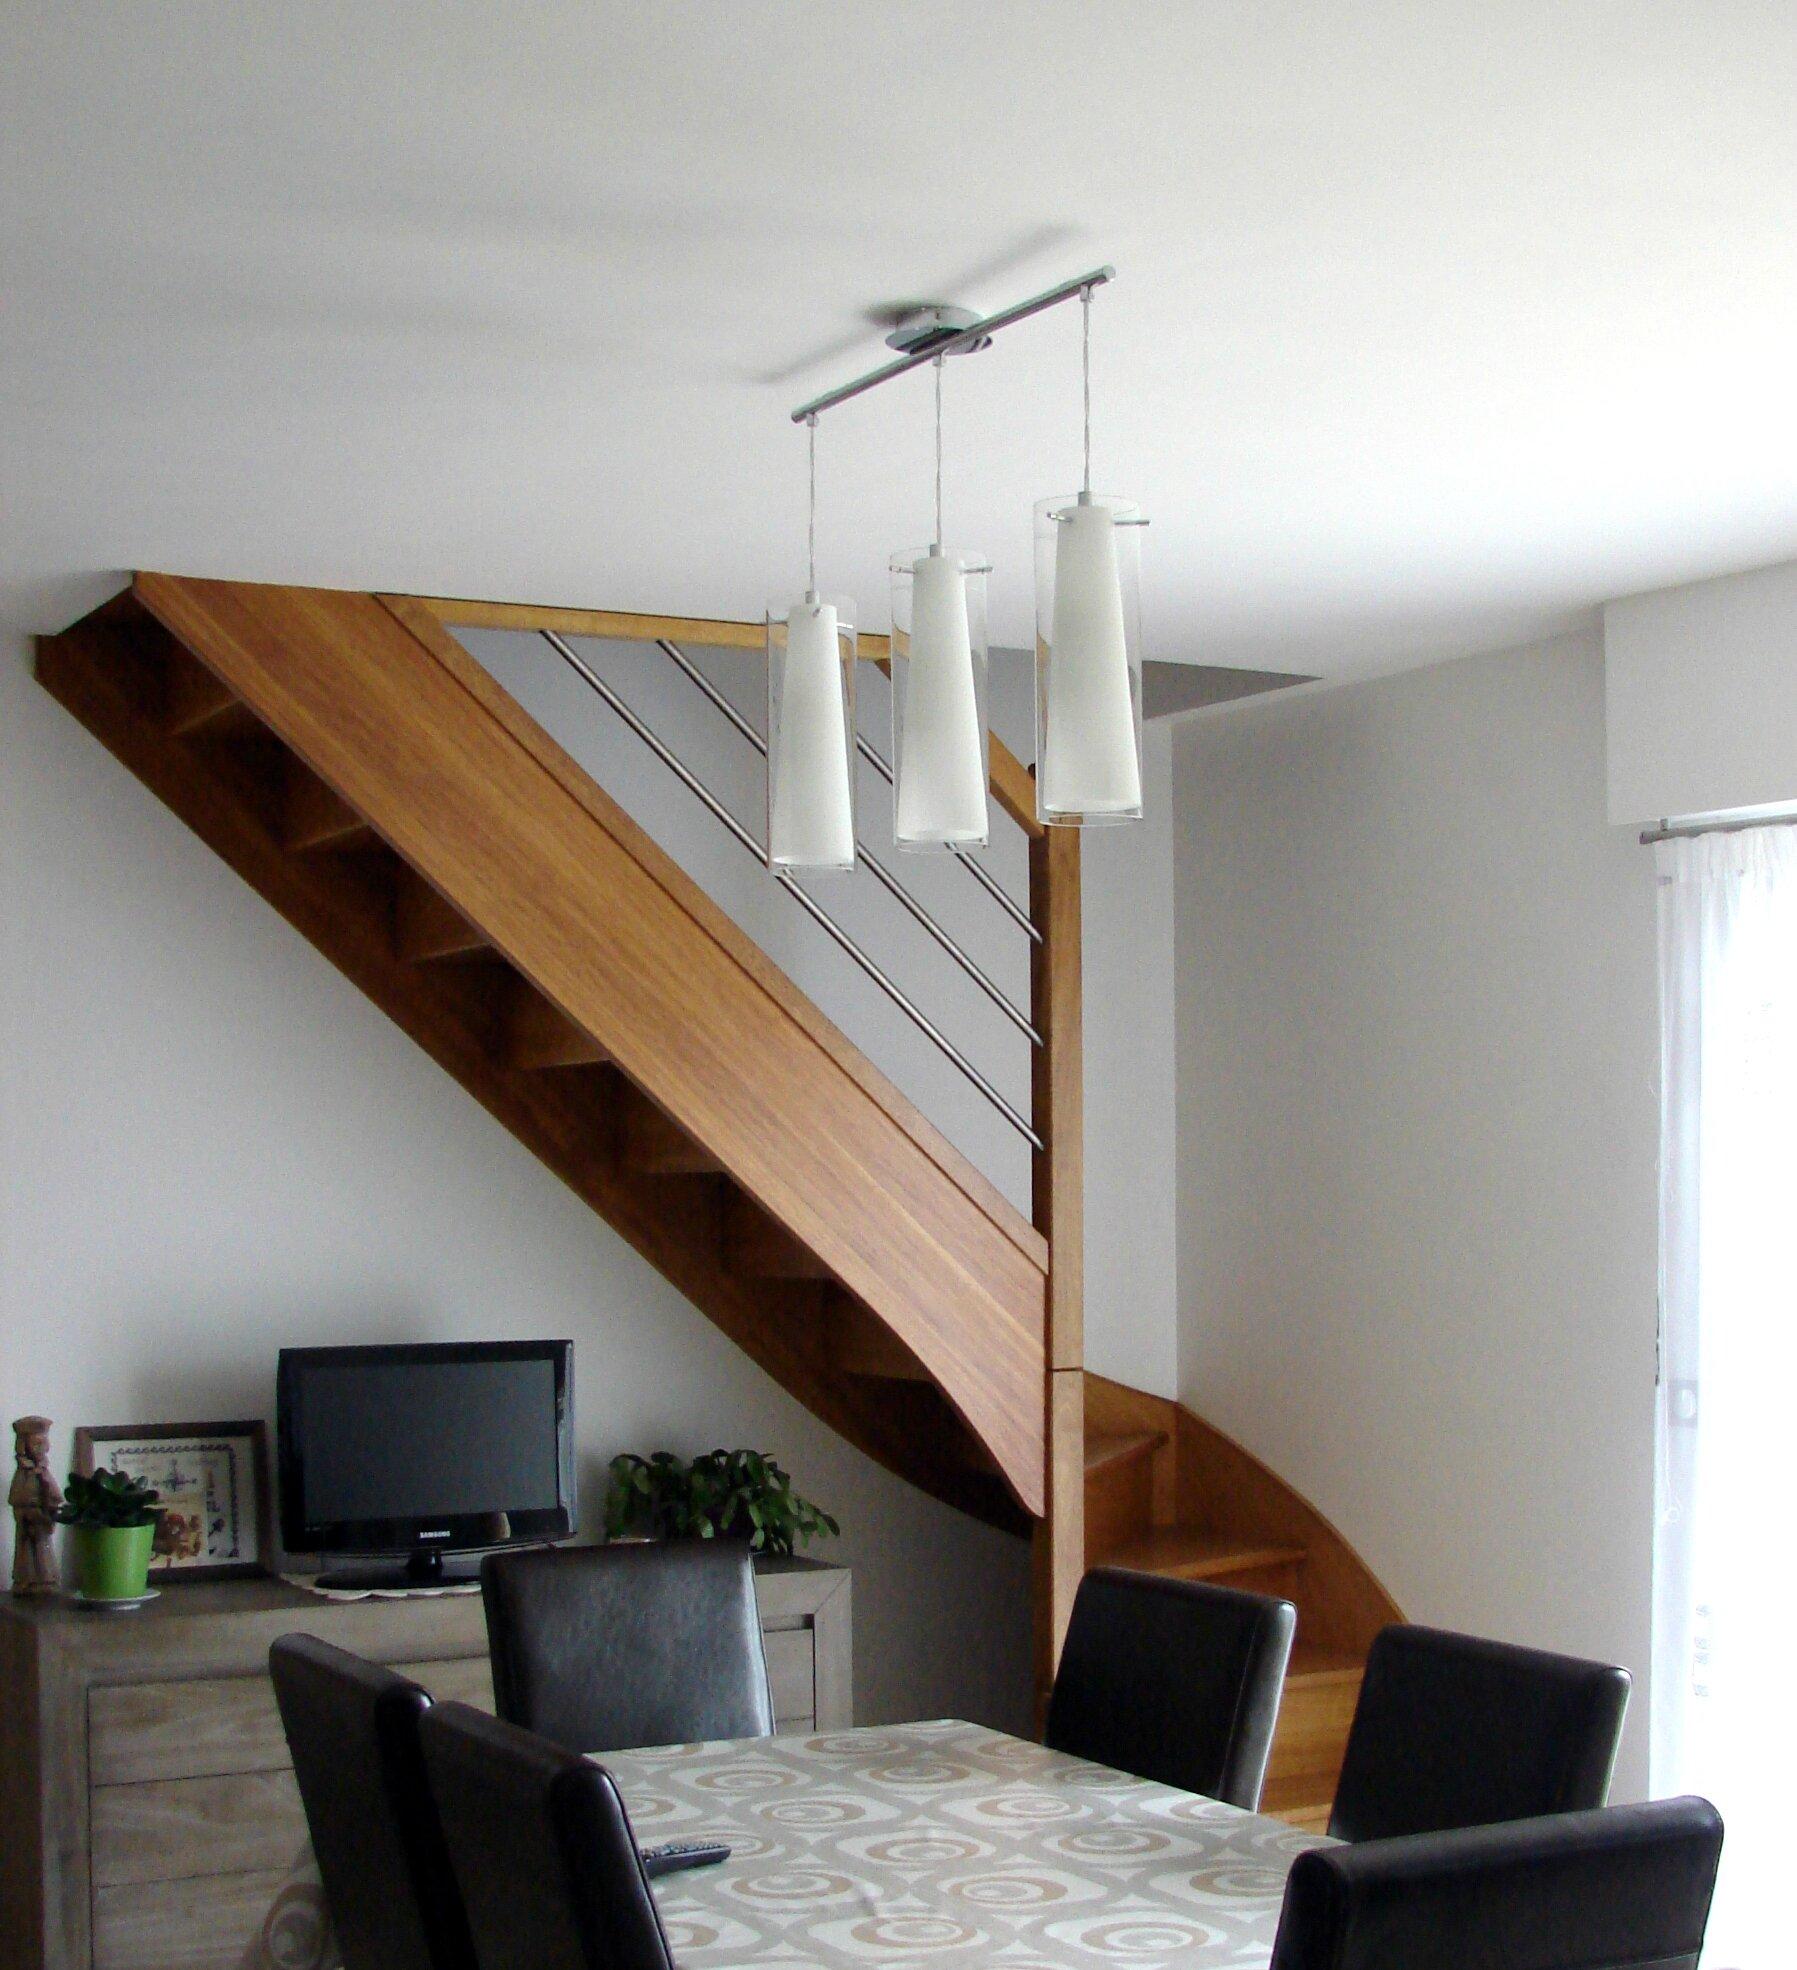 vitrifier un escalier vitrifier bois dj lasur with vitrifier un escalier great great avant. Black Bedroom Furniture Sets. Home Design Ideas